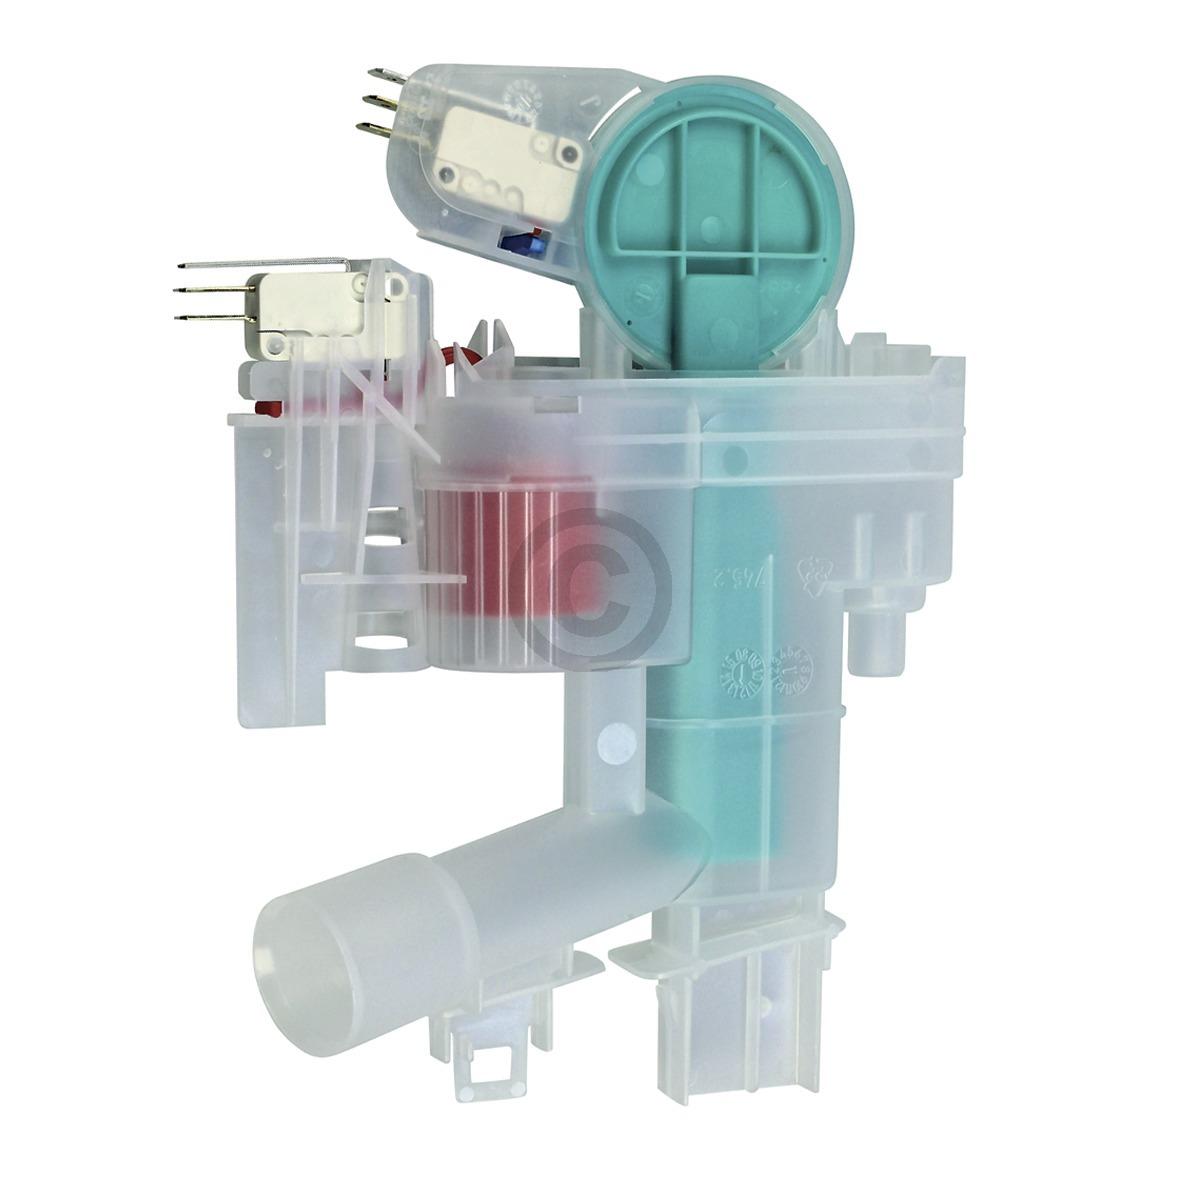 Wasserstandsreglergehäuse kpl. 00267620 267620 Bosch, Siemens, Neff